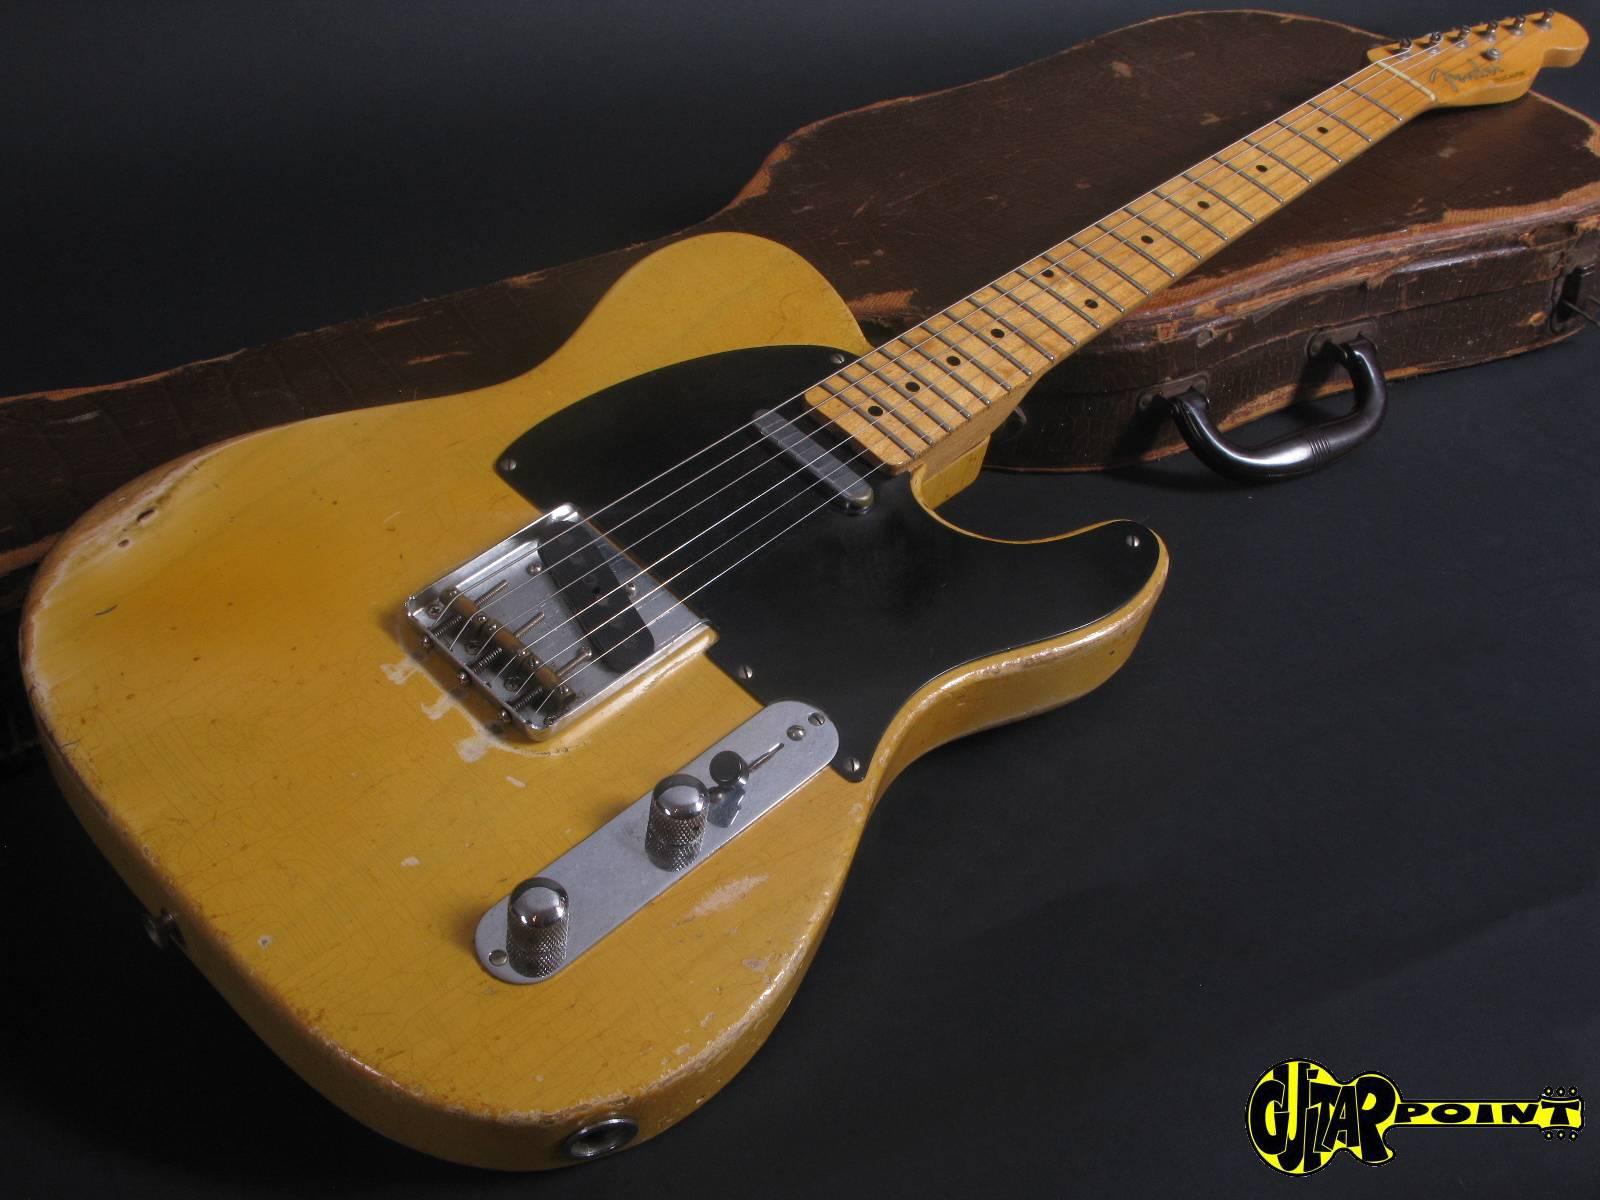 fender telecaster nocaster 1951 blond guitar for sale guitarpoint. Black Bedroom Furniture Sets. Home Design Ideas